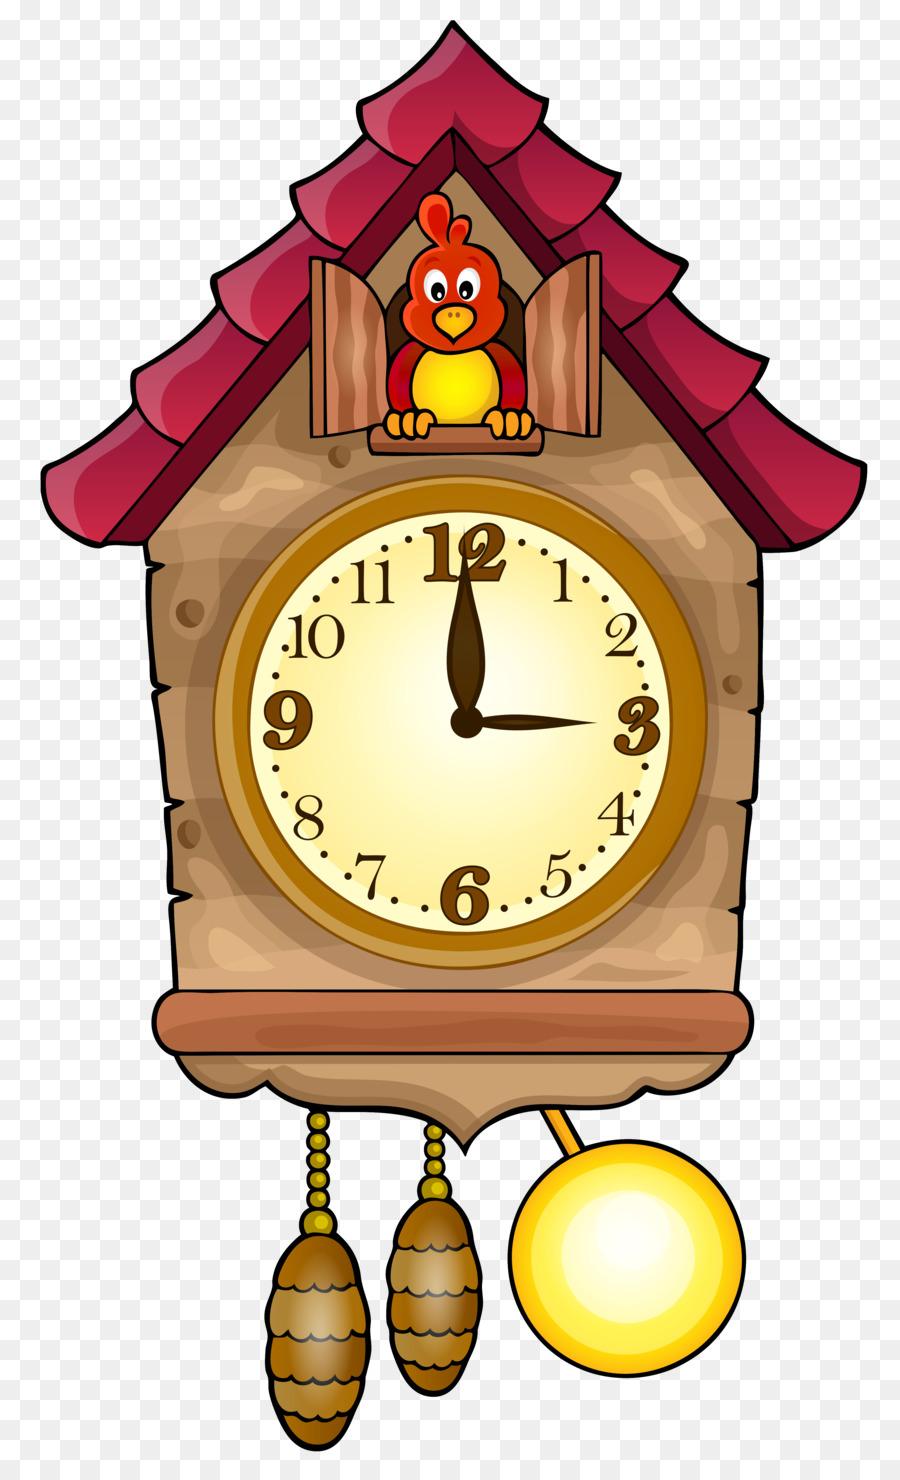 Cuckoo clock Clip art - Home Accessories Cliparts png download ...